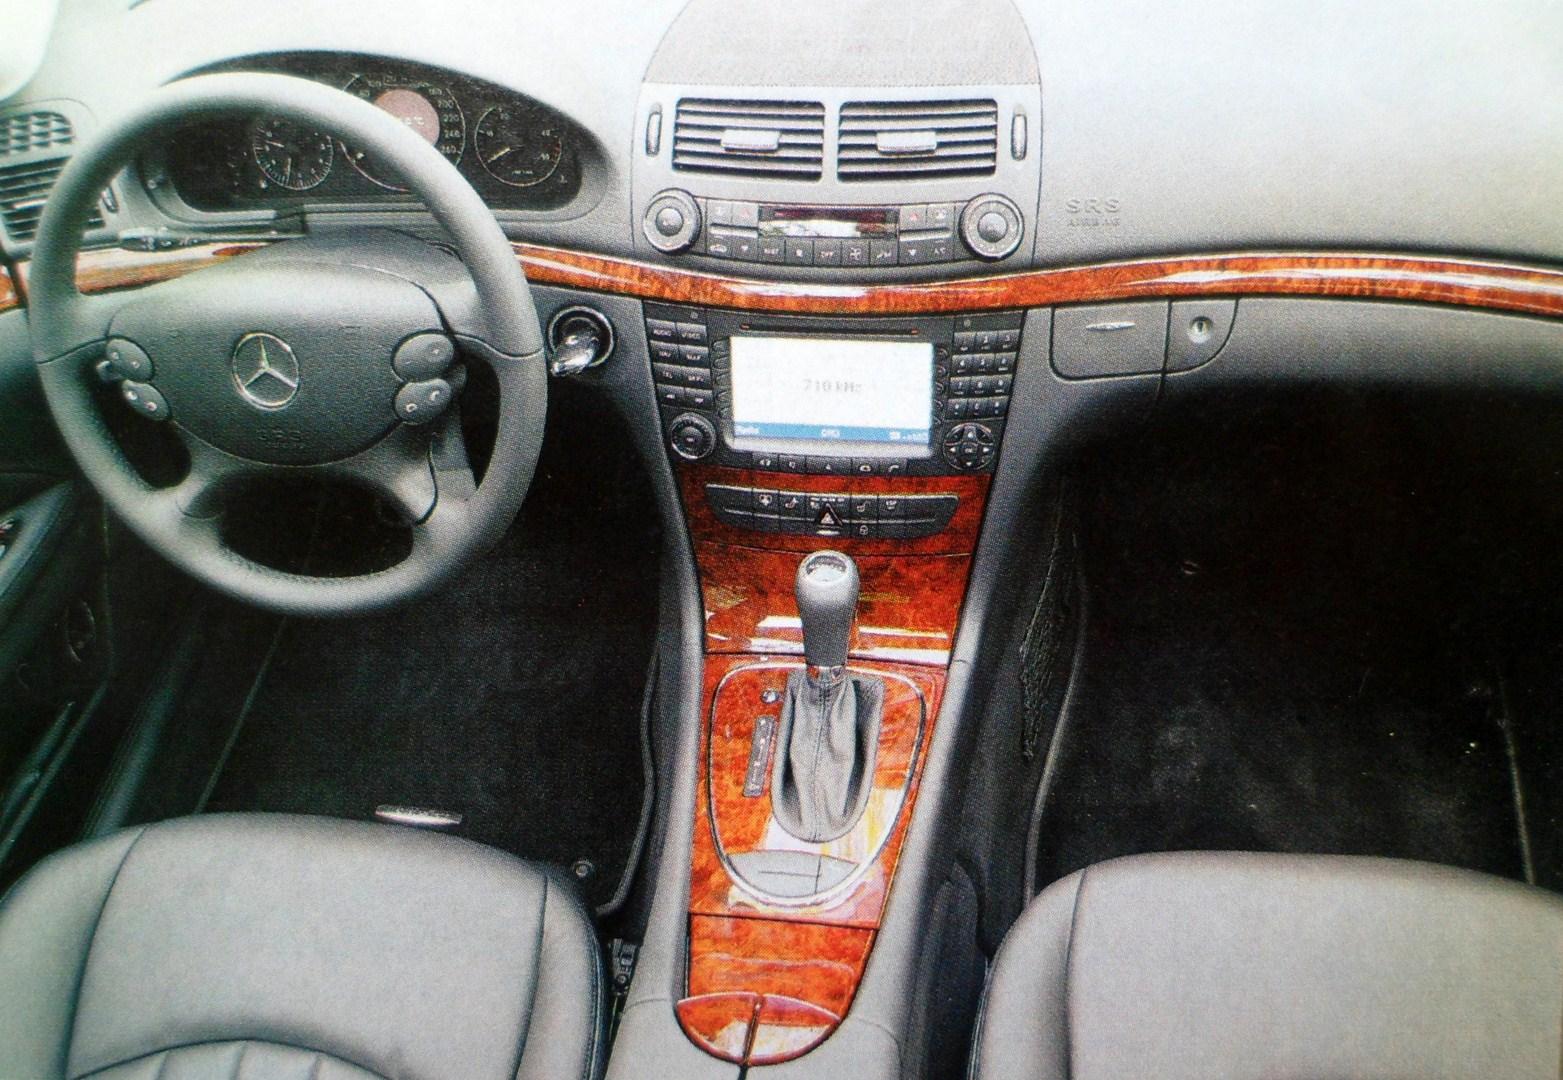 Prueba Mercedes Benz E320 Cdi Testeados Pruebas Y Test